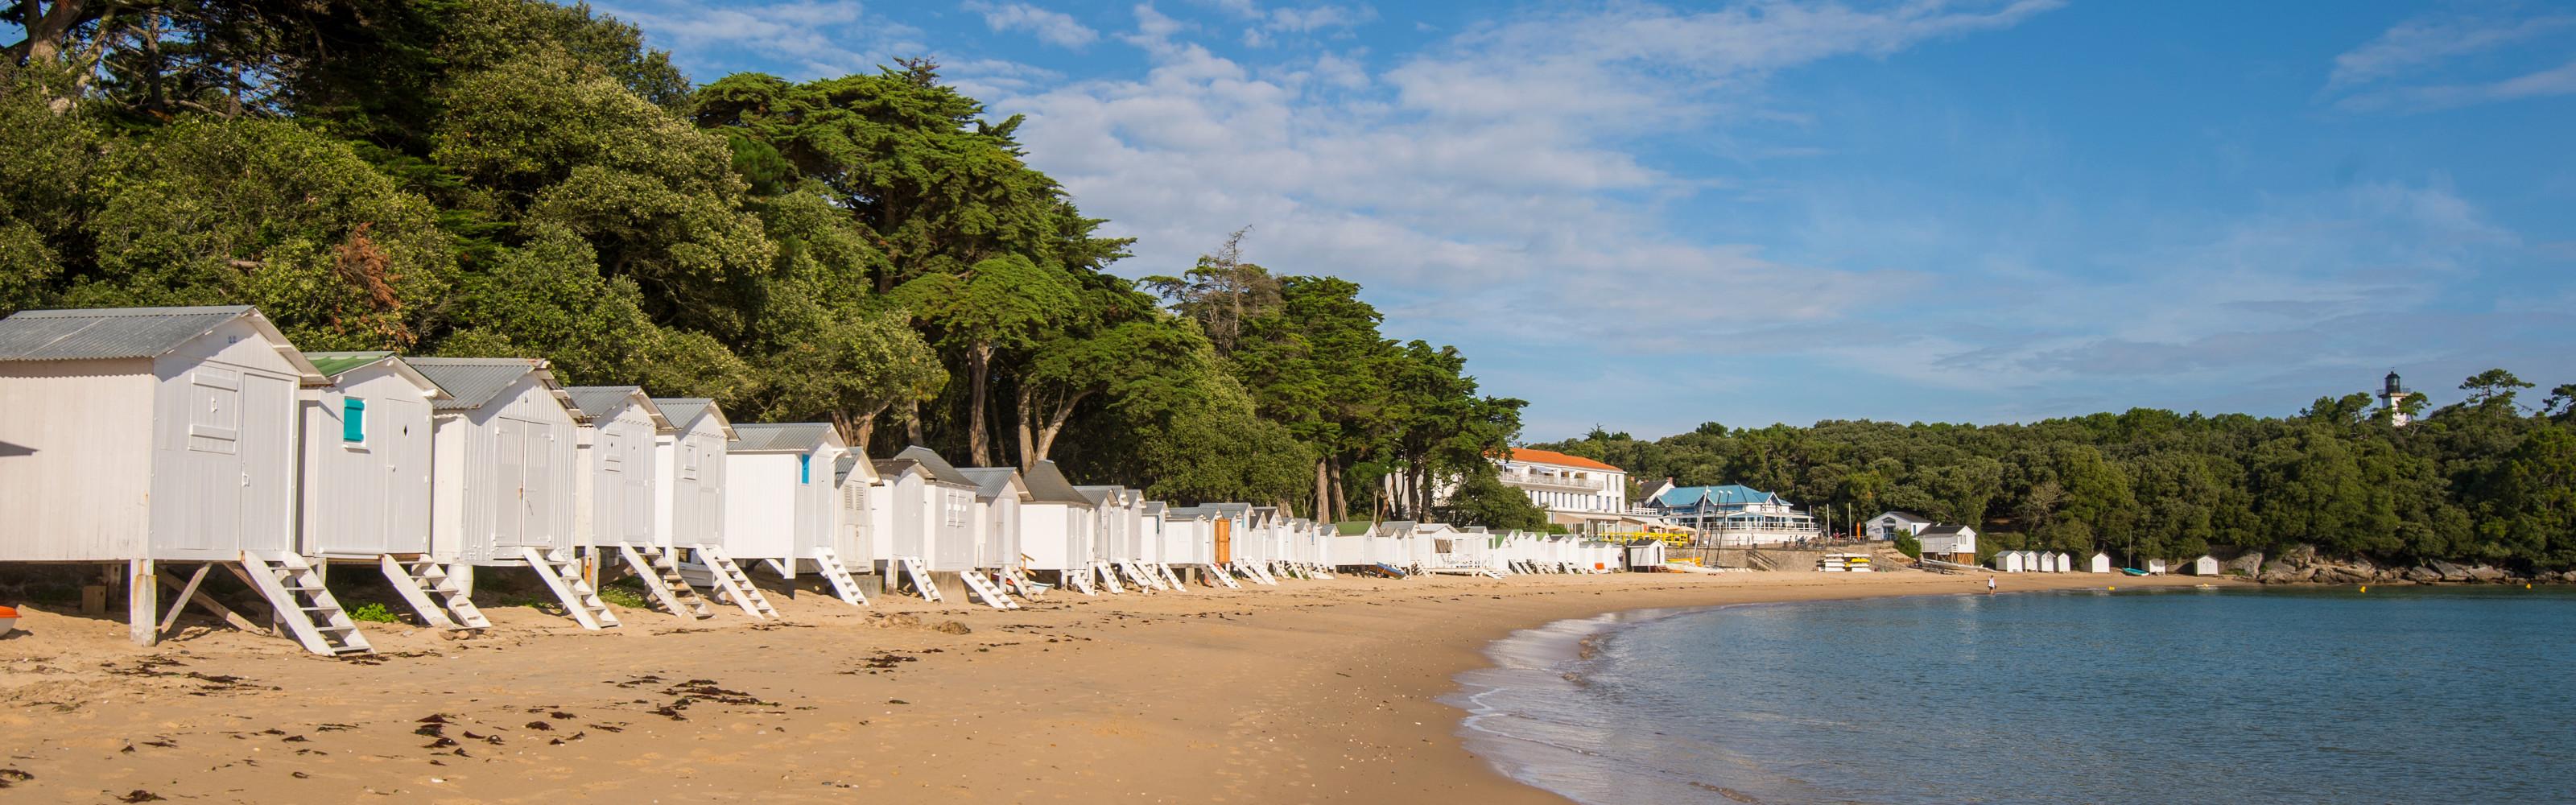 Noirmoutier en le explorer l 39 le de noirmoutier - Office de tourisme noirmoutier ...